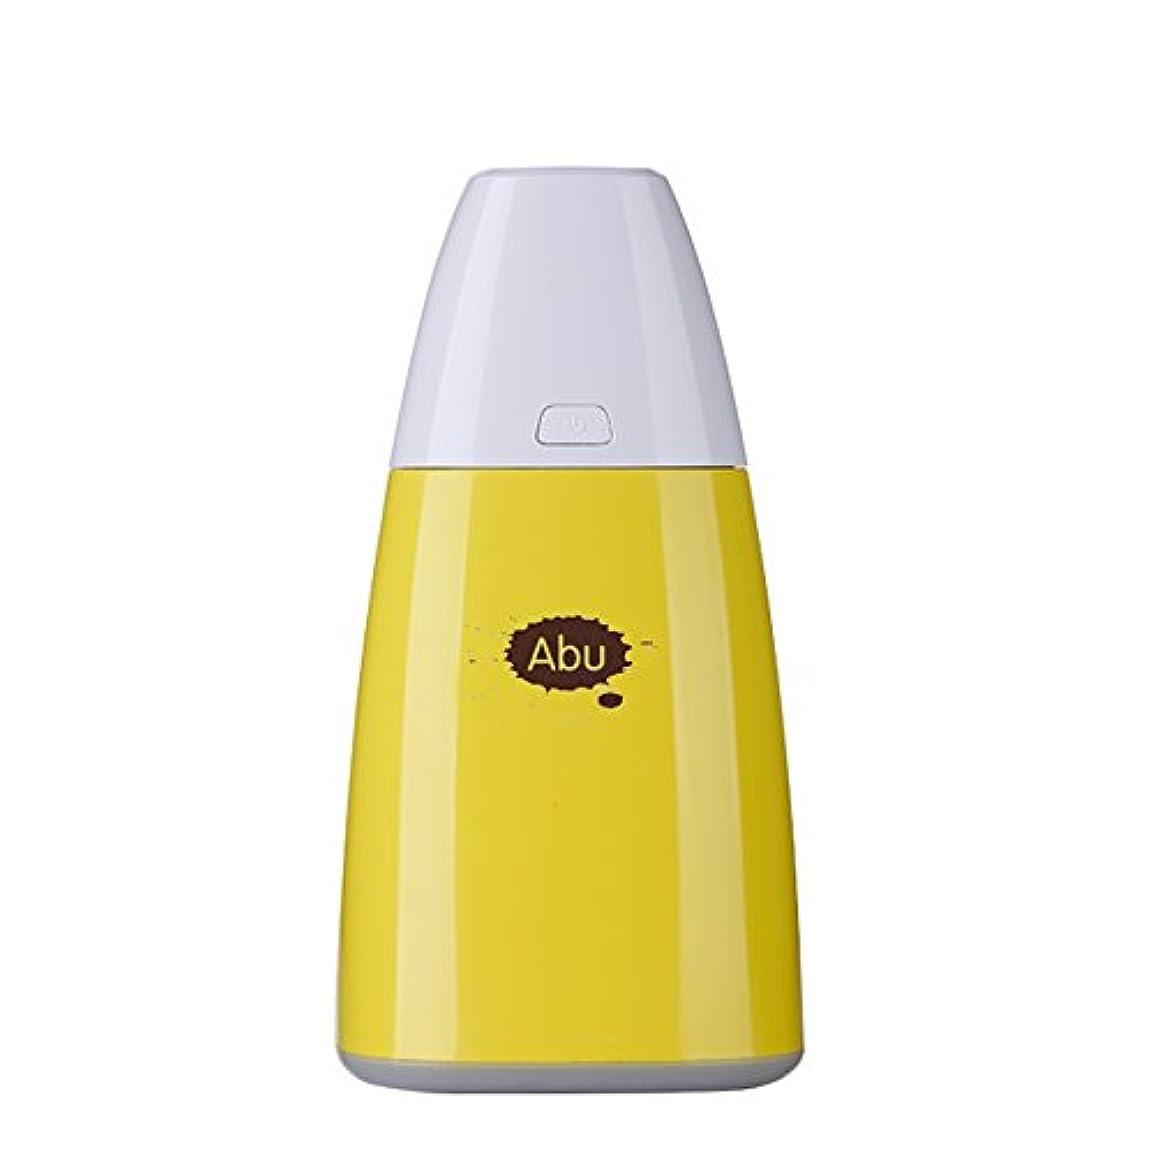 束ねる眉をひそめる植物のRakuby 250ml USBポータブル アロマ セラピーエッセンシャルオイル ディフューザー ミニ 超音波 クールミスト加湿器 カラフル LEDライト ホームオフィス 寝室用